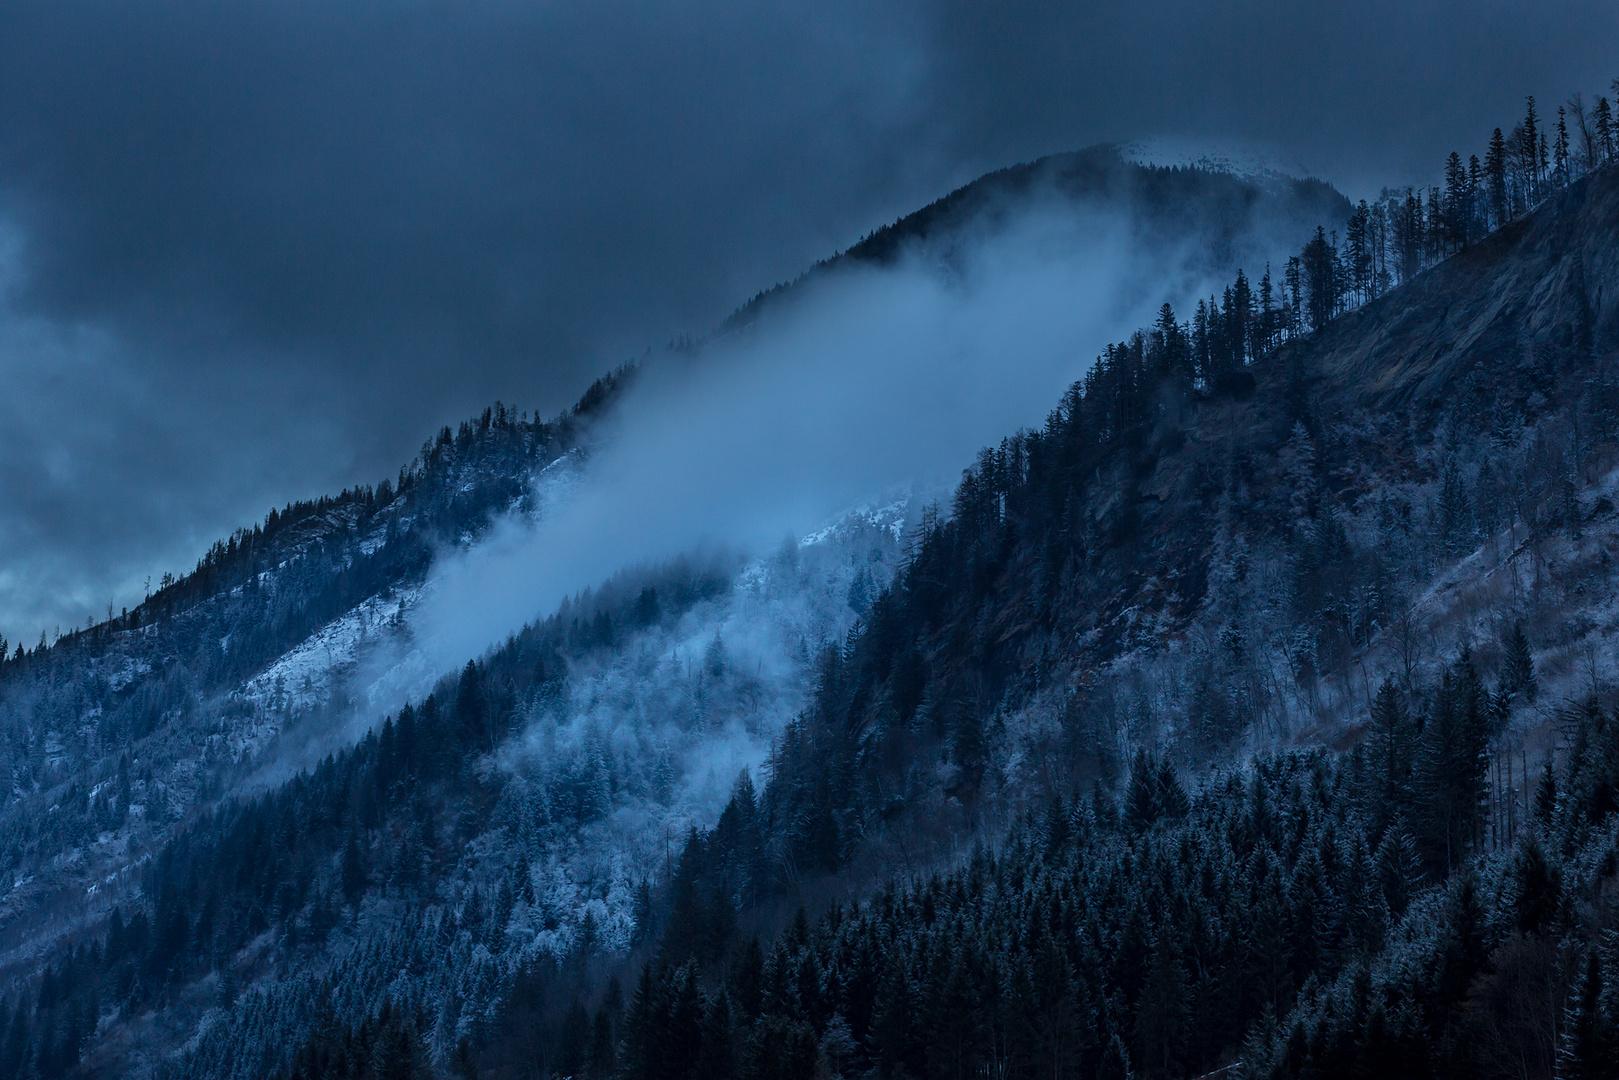 *Dark Mountains